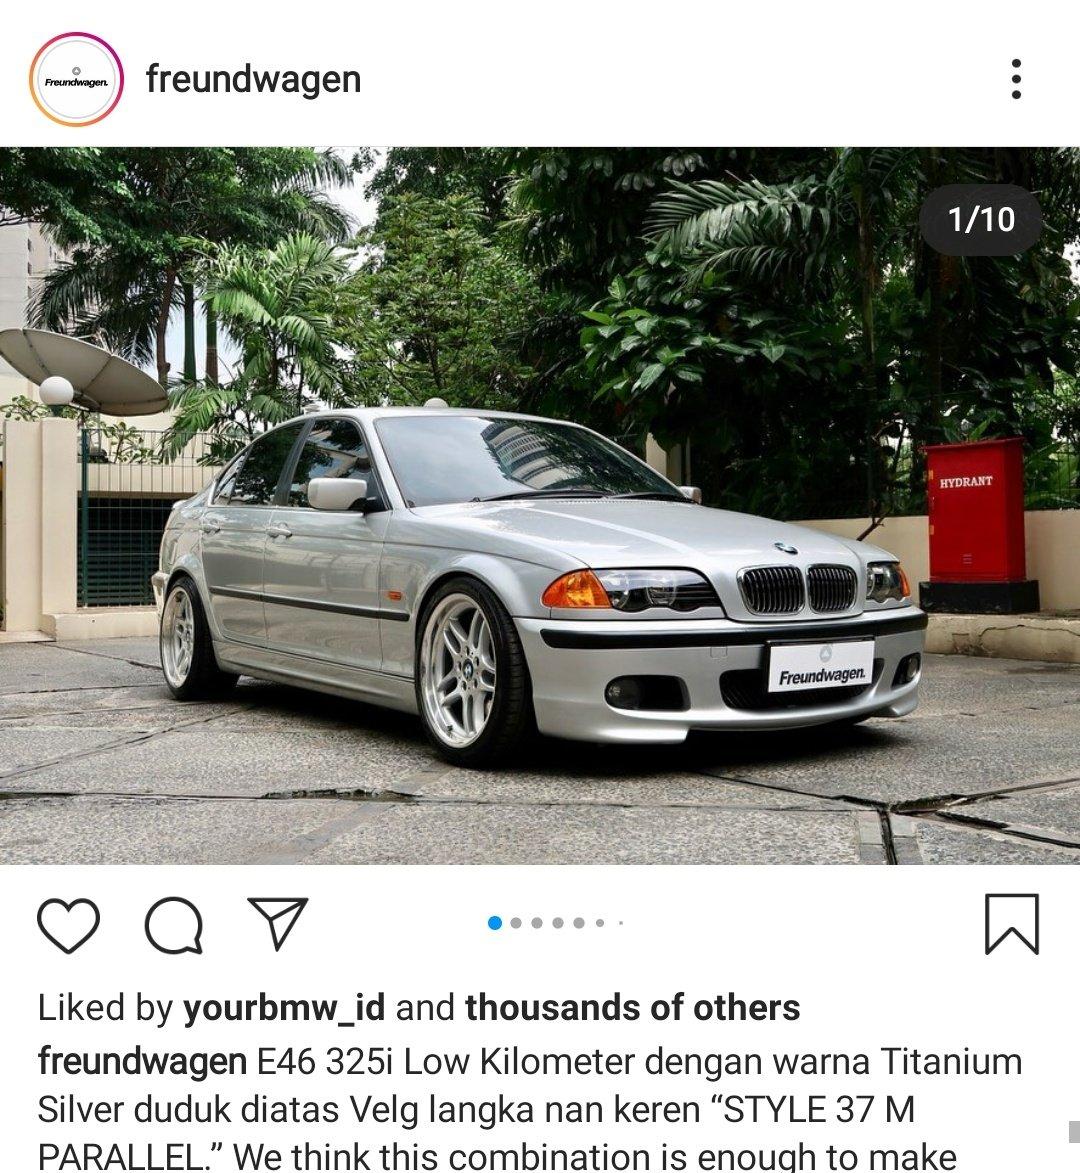 BMW E46 lama lama cakep ya. Timeless gitu. Buat pemula, kalau E36 dirasa tua, E46 bisa jadi pilihan. E90? Di forum-forum katanya banyak troublenya. F20? Masih mahal pic.twitter.com/L45F4Nts5X